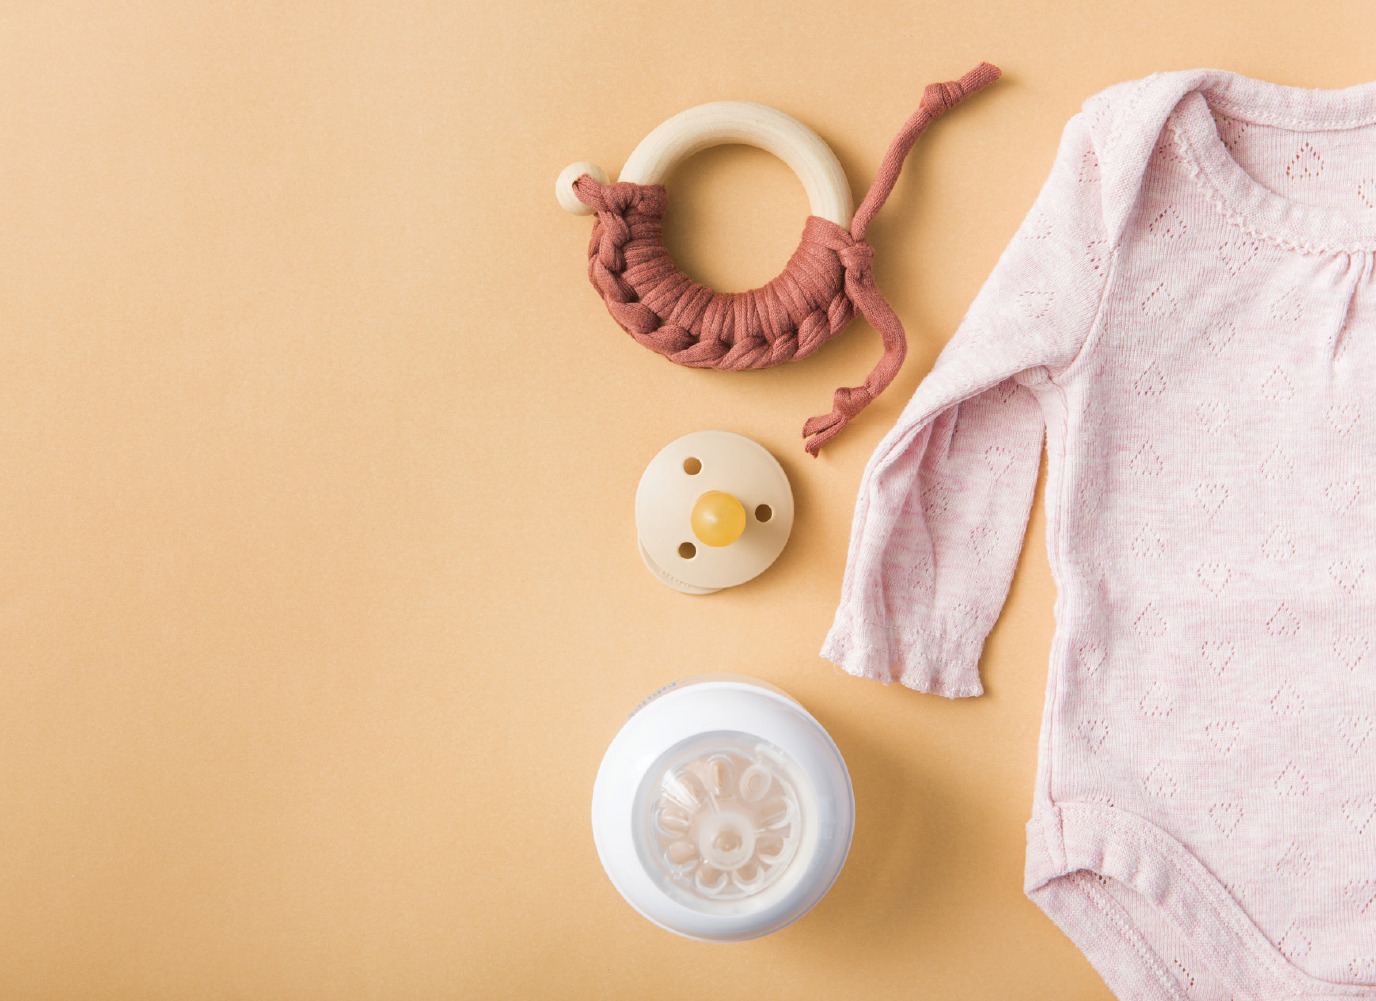 Các tiêu chí lựa chọn núm vú bình sữa an toàn cho bé yêu